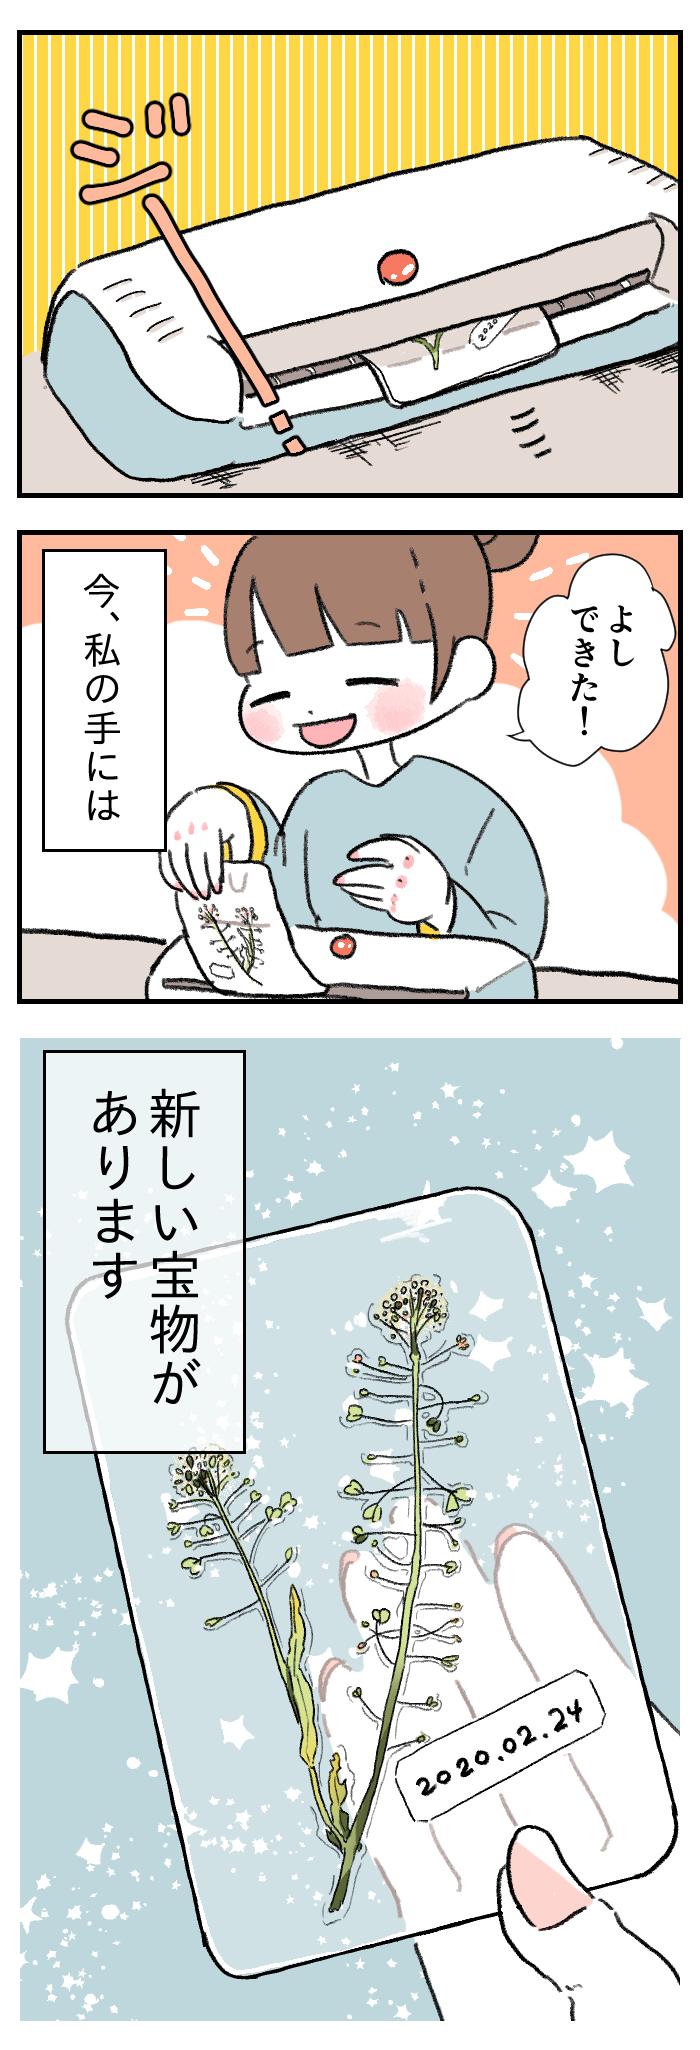 その気持ちと成長がとてもまぶしいから、キミのくれた雑草はママの一生の宝物の画像1